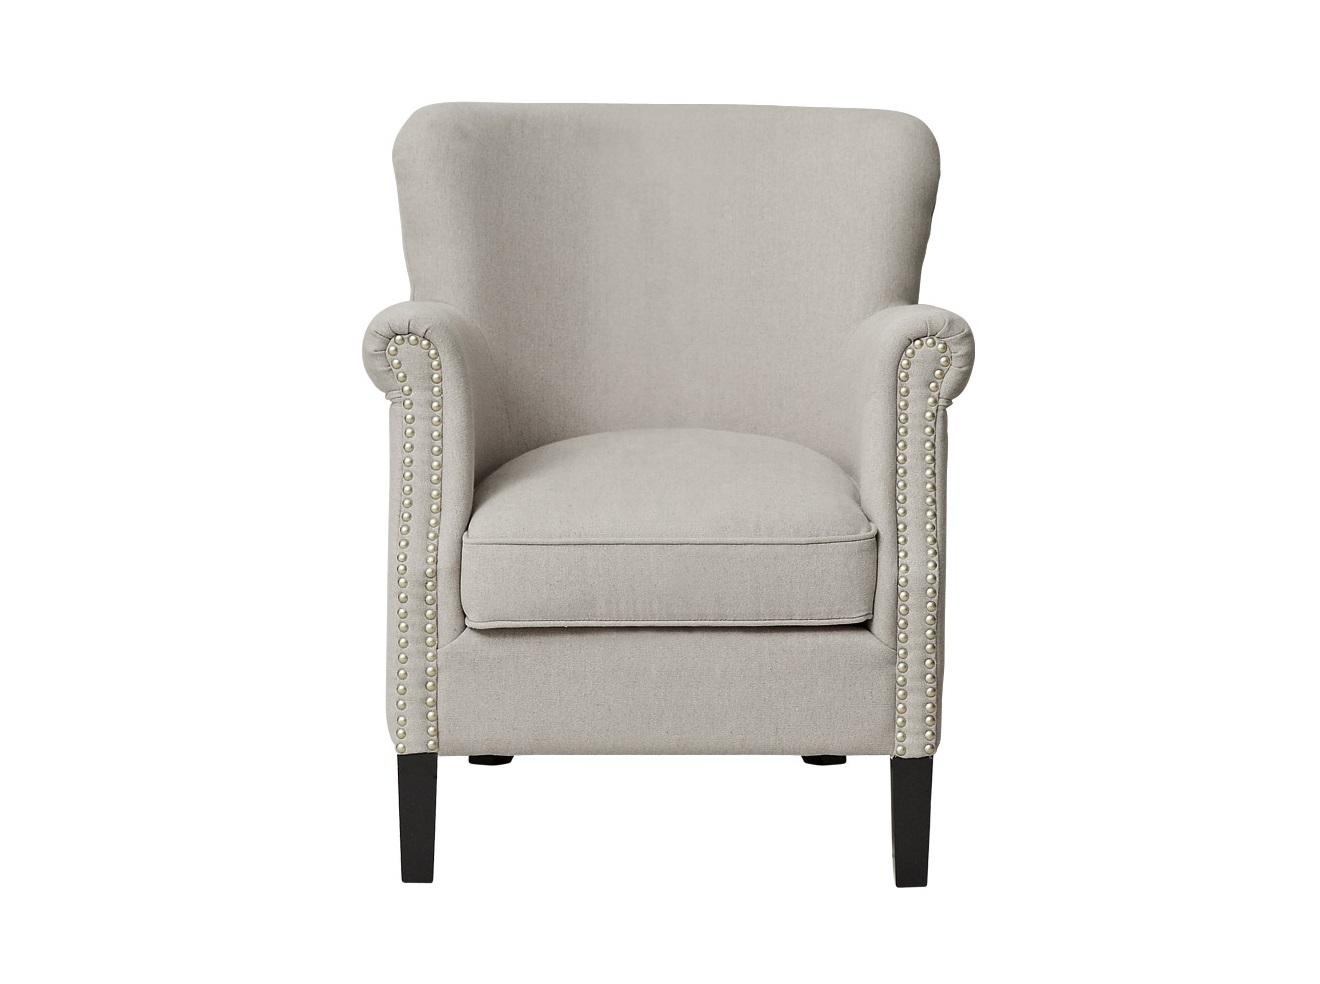 Кресло RolandИнтерьерные кресла<br><br><br>Material: Текстиль<br>Ширина см: 68.0<br>Высота см: 78.0<br>Глубина см: 72.0